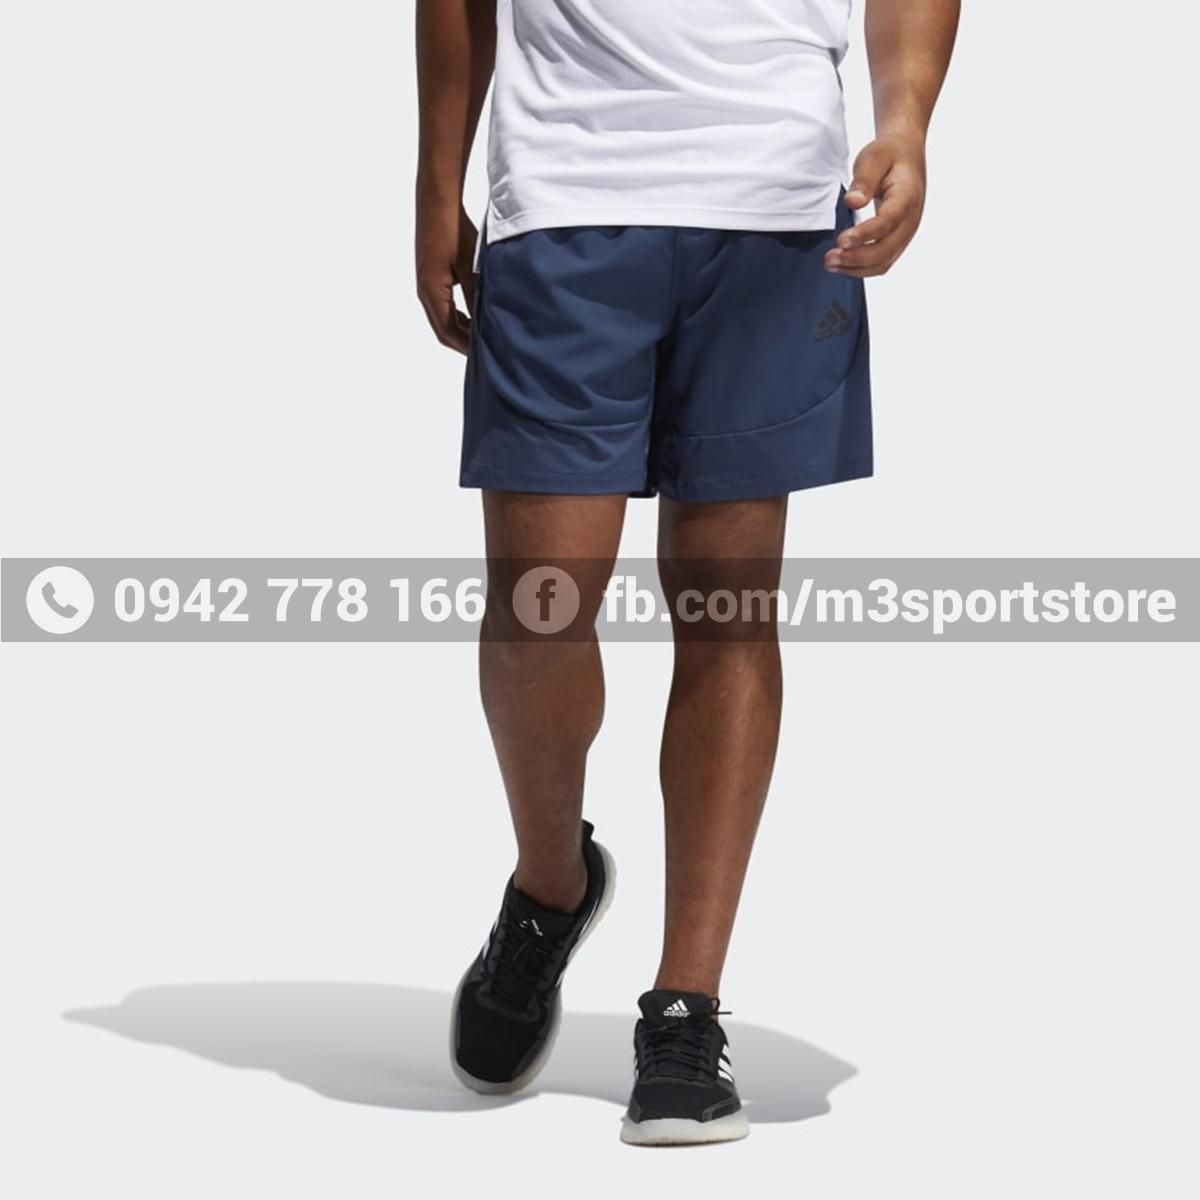 Quần short thể thao nam Adidas slim 3 sọc Aeroready GM0333